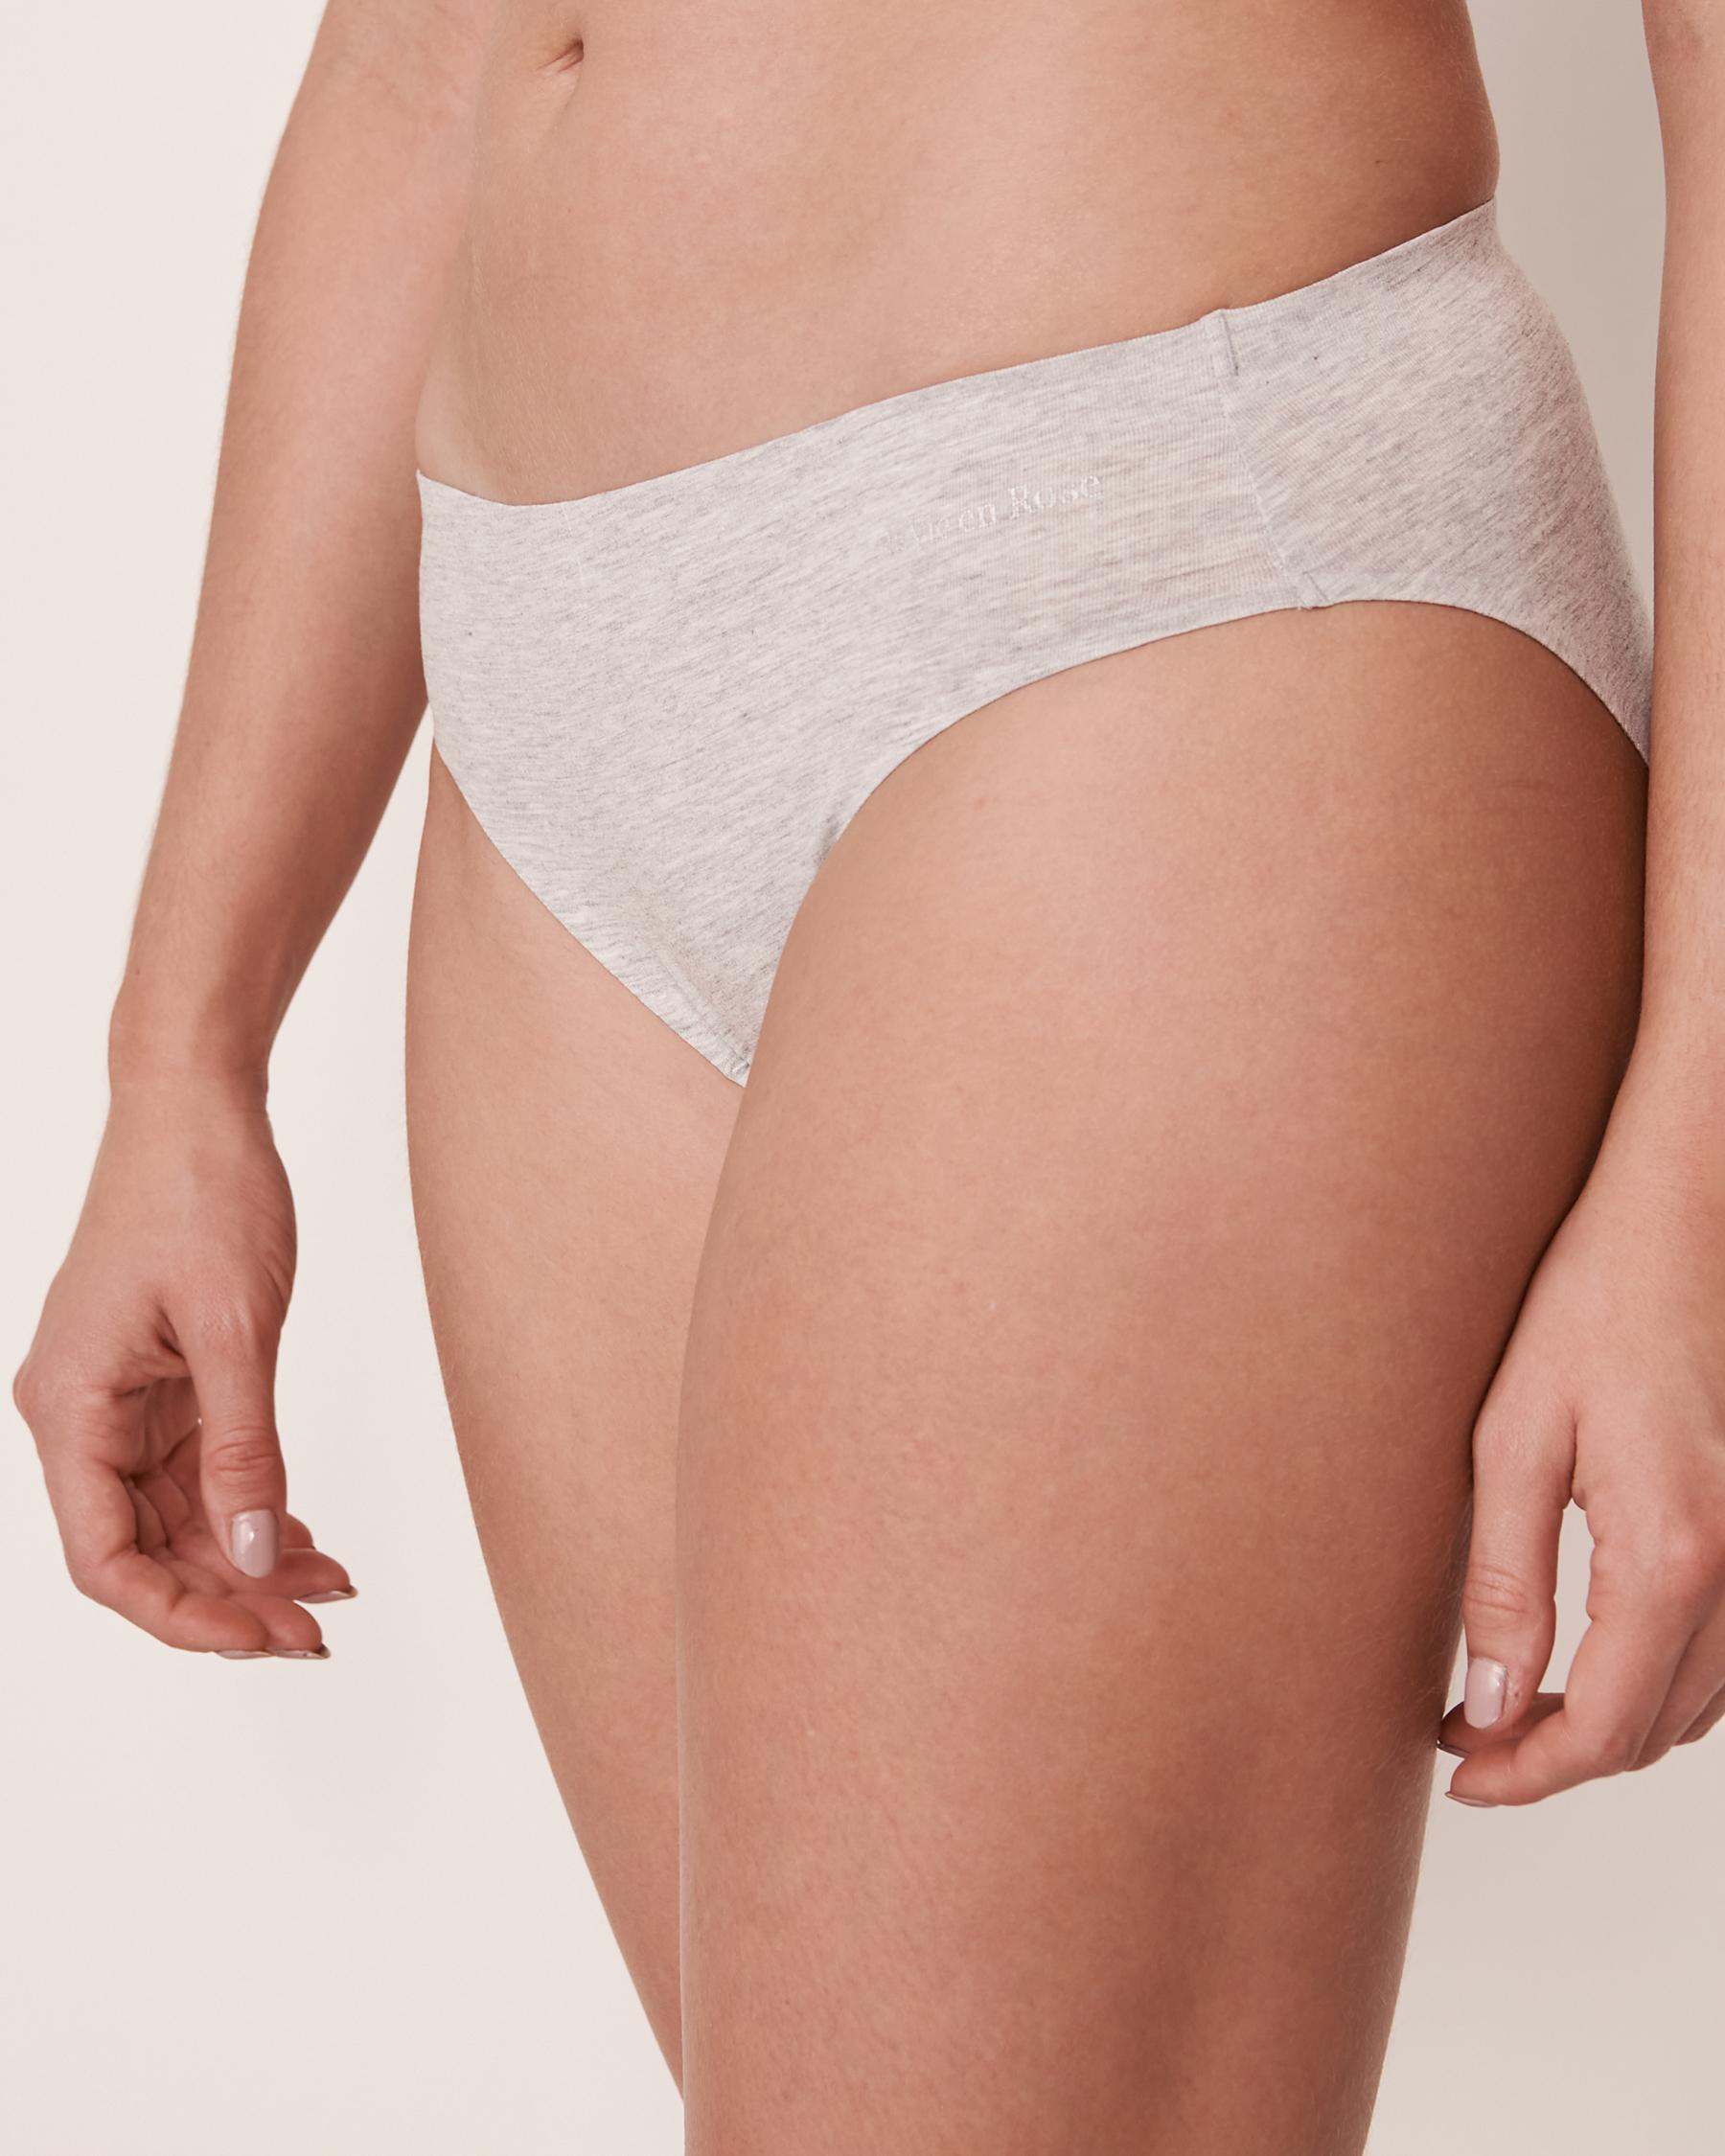 LA VIE EN ROSE Bikini Panty Grey mix 20200061 - View1